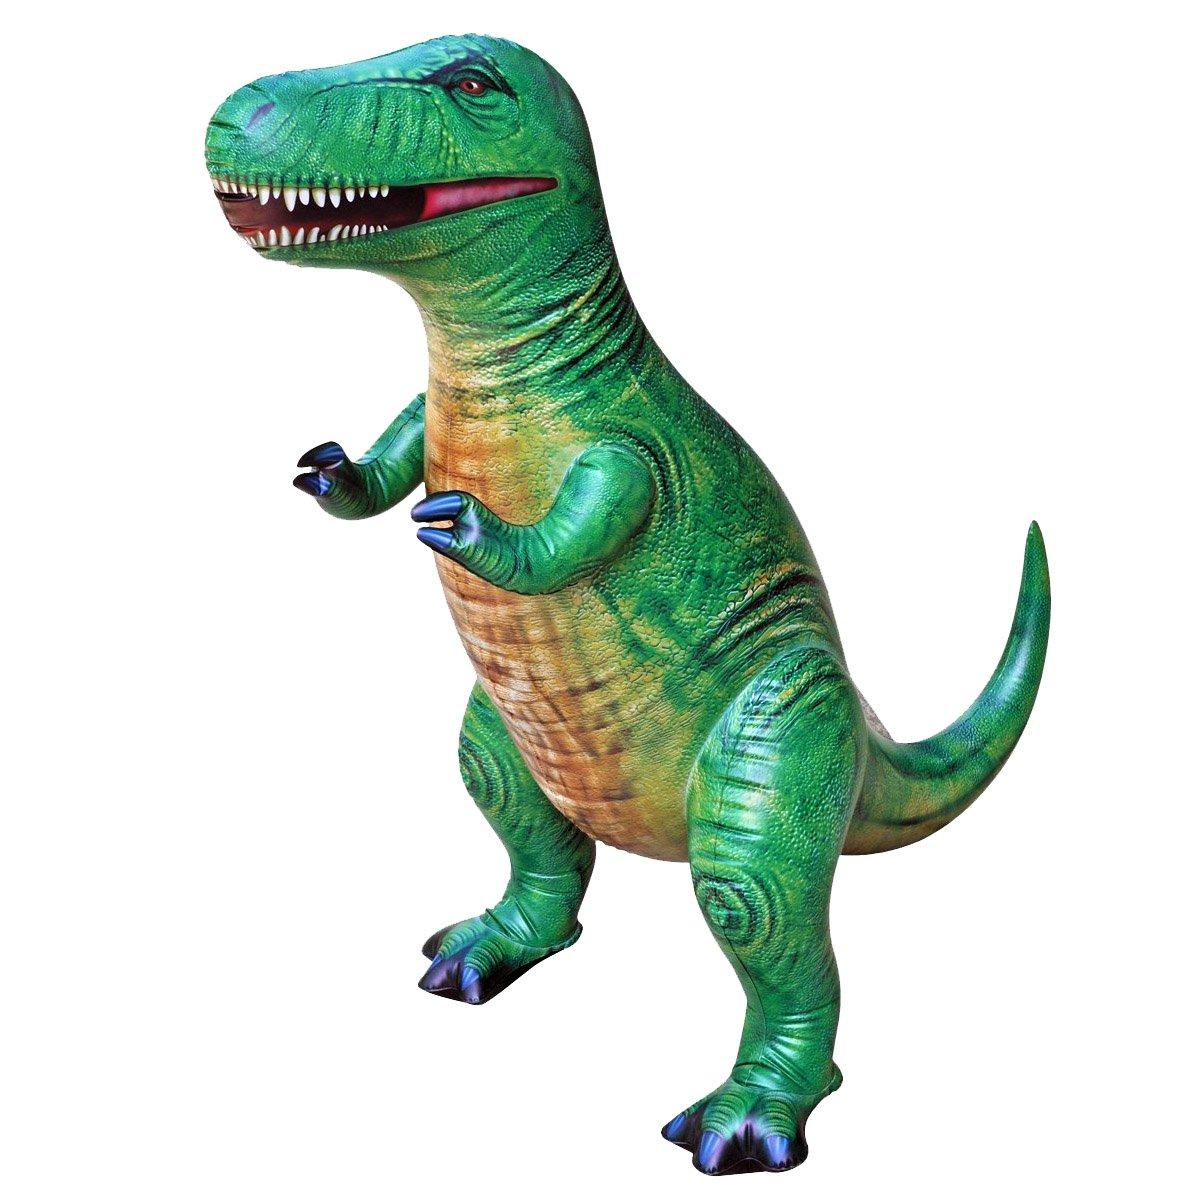 공룡기 티라노사우루스 튜브 공룡 풍선 대형 94cm, 그린, 1개